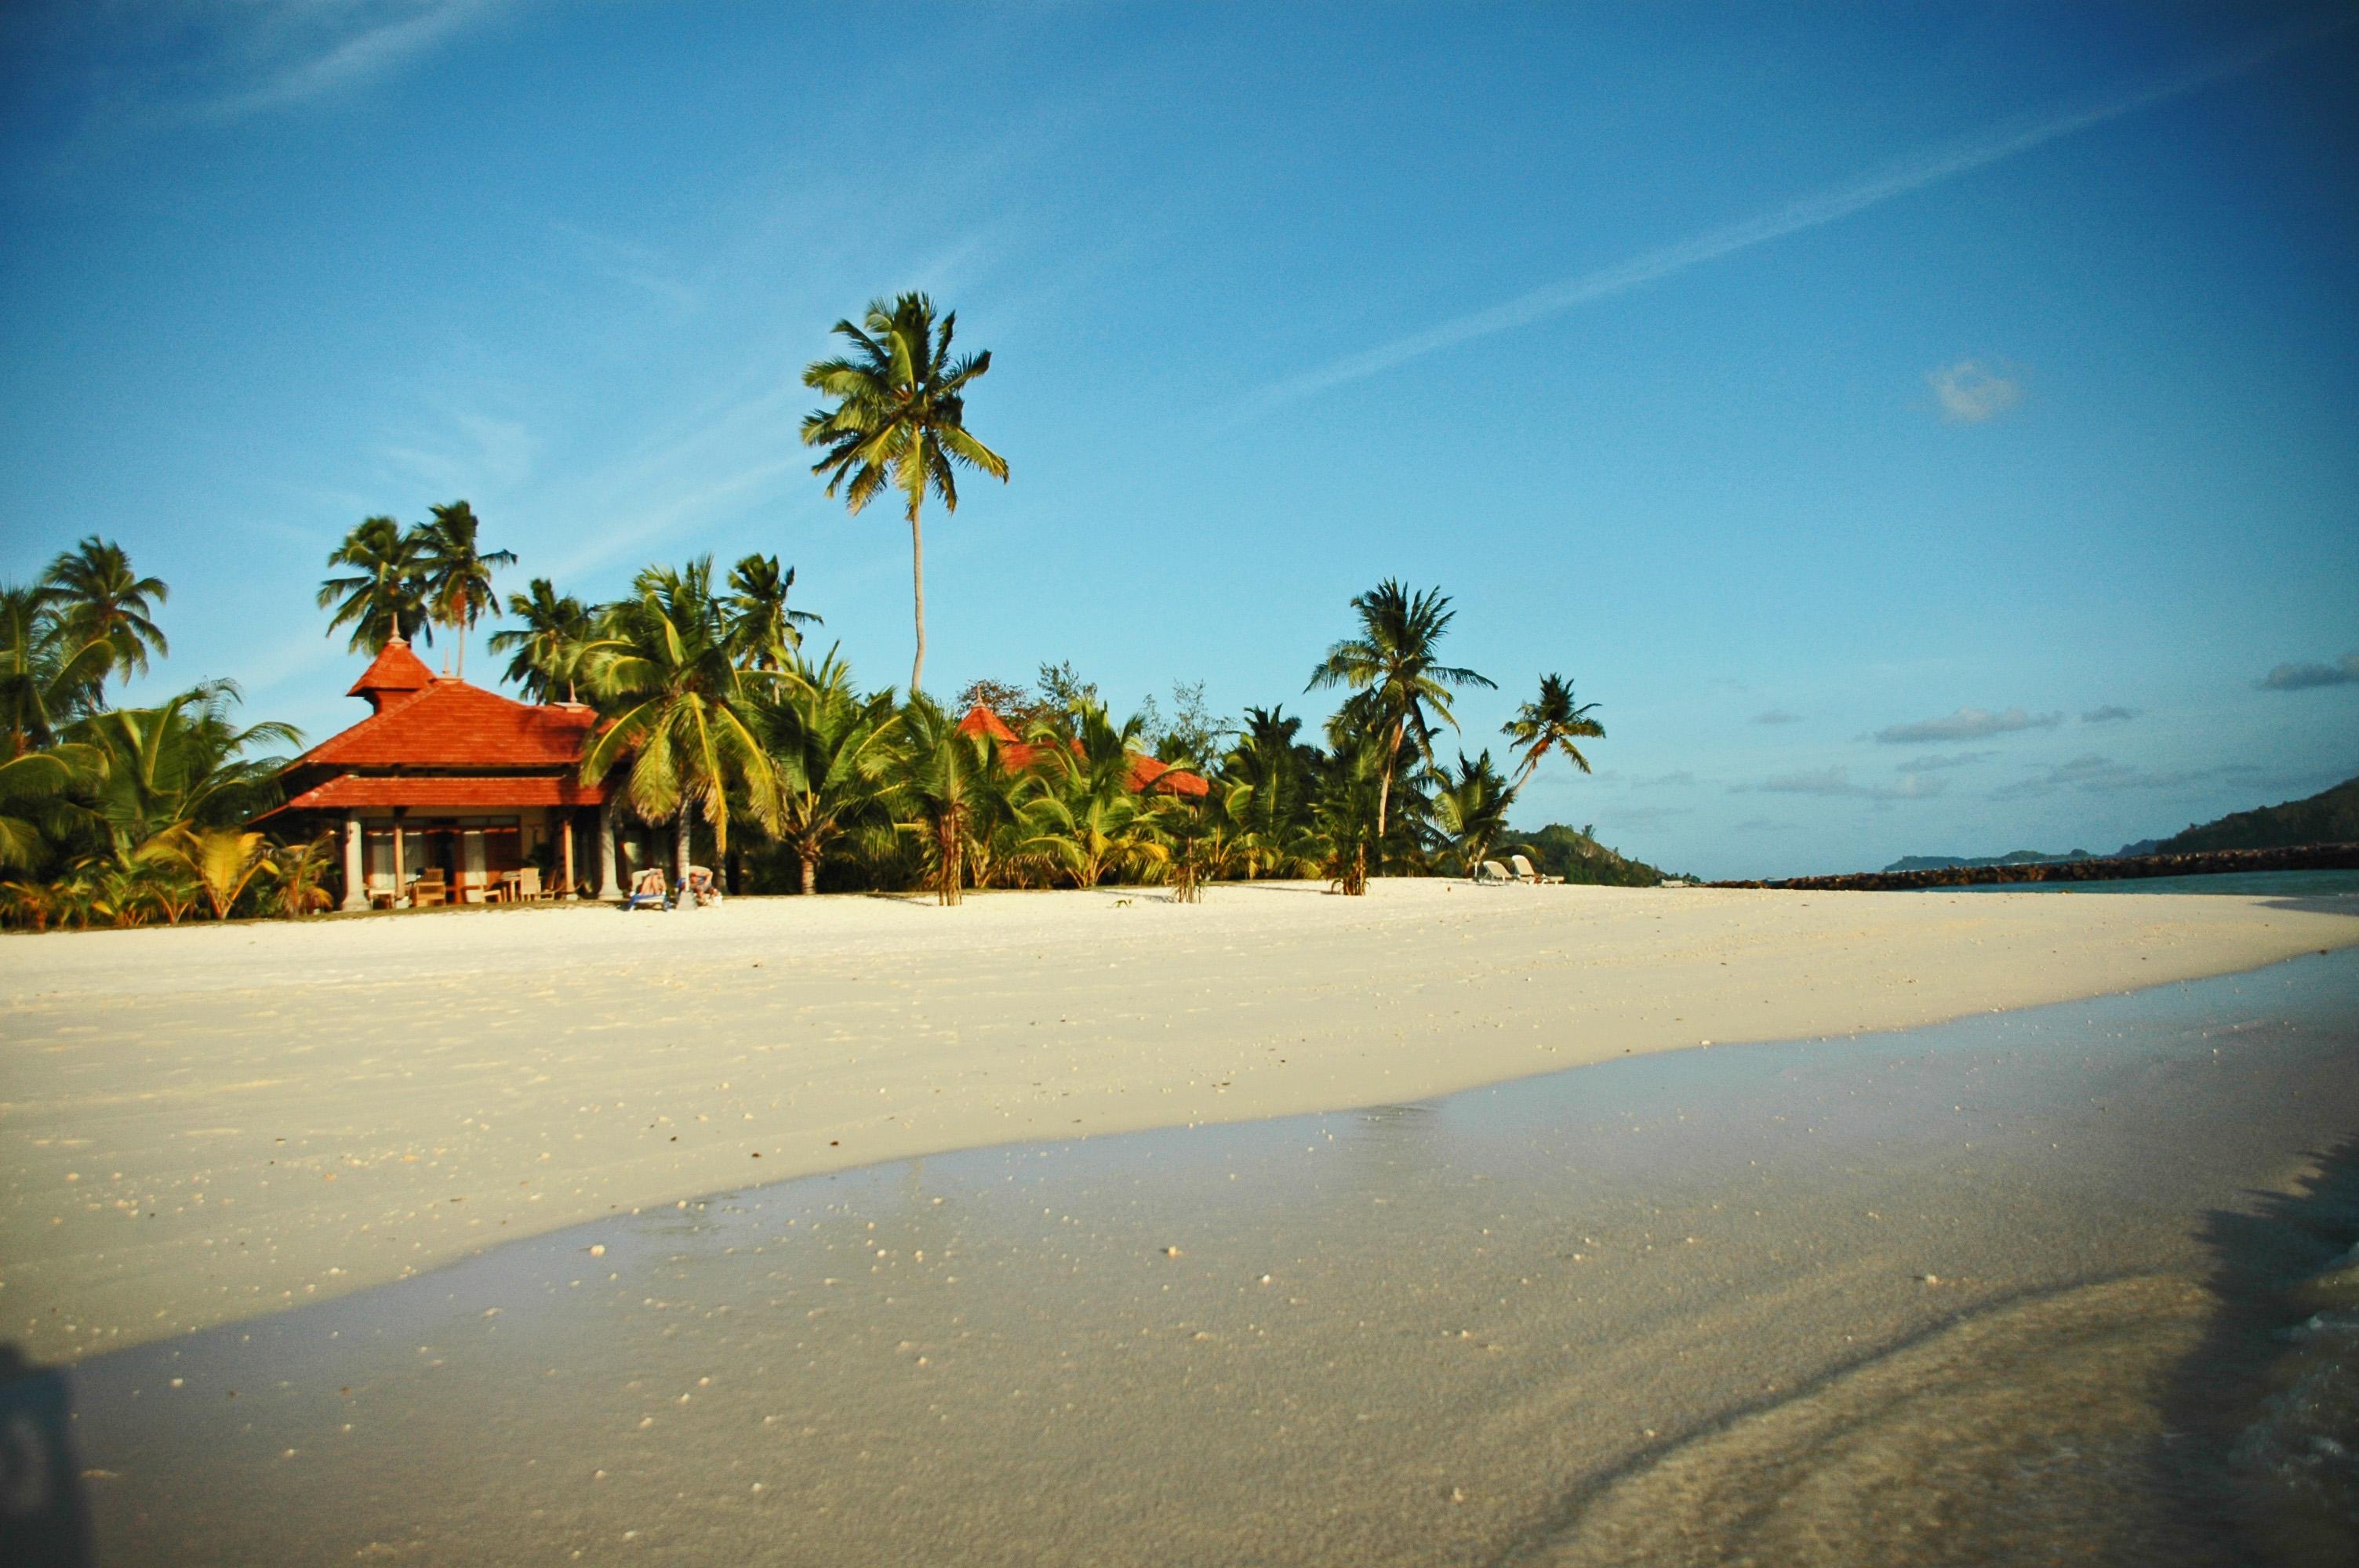 Seychelles Beach House © JonoVernon-Powell